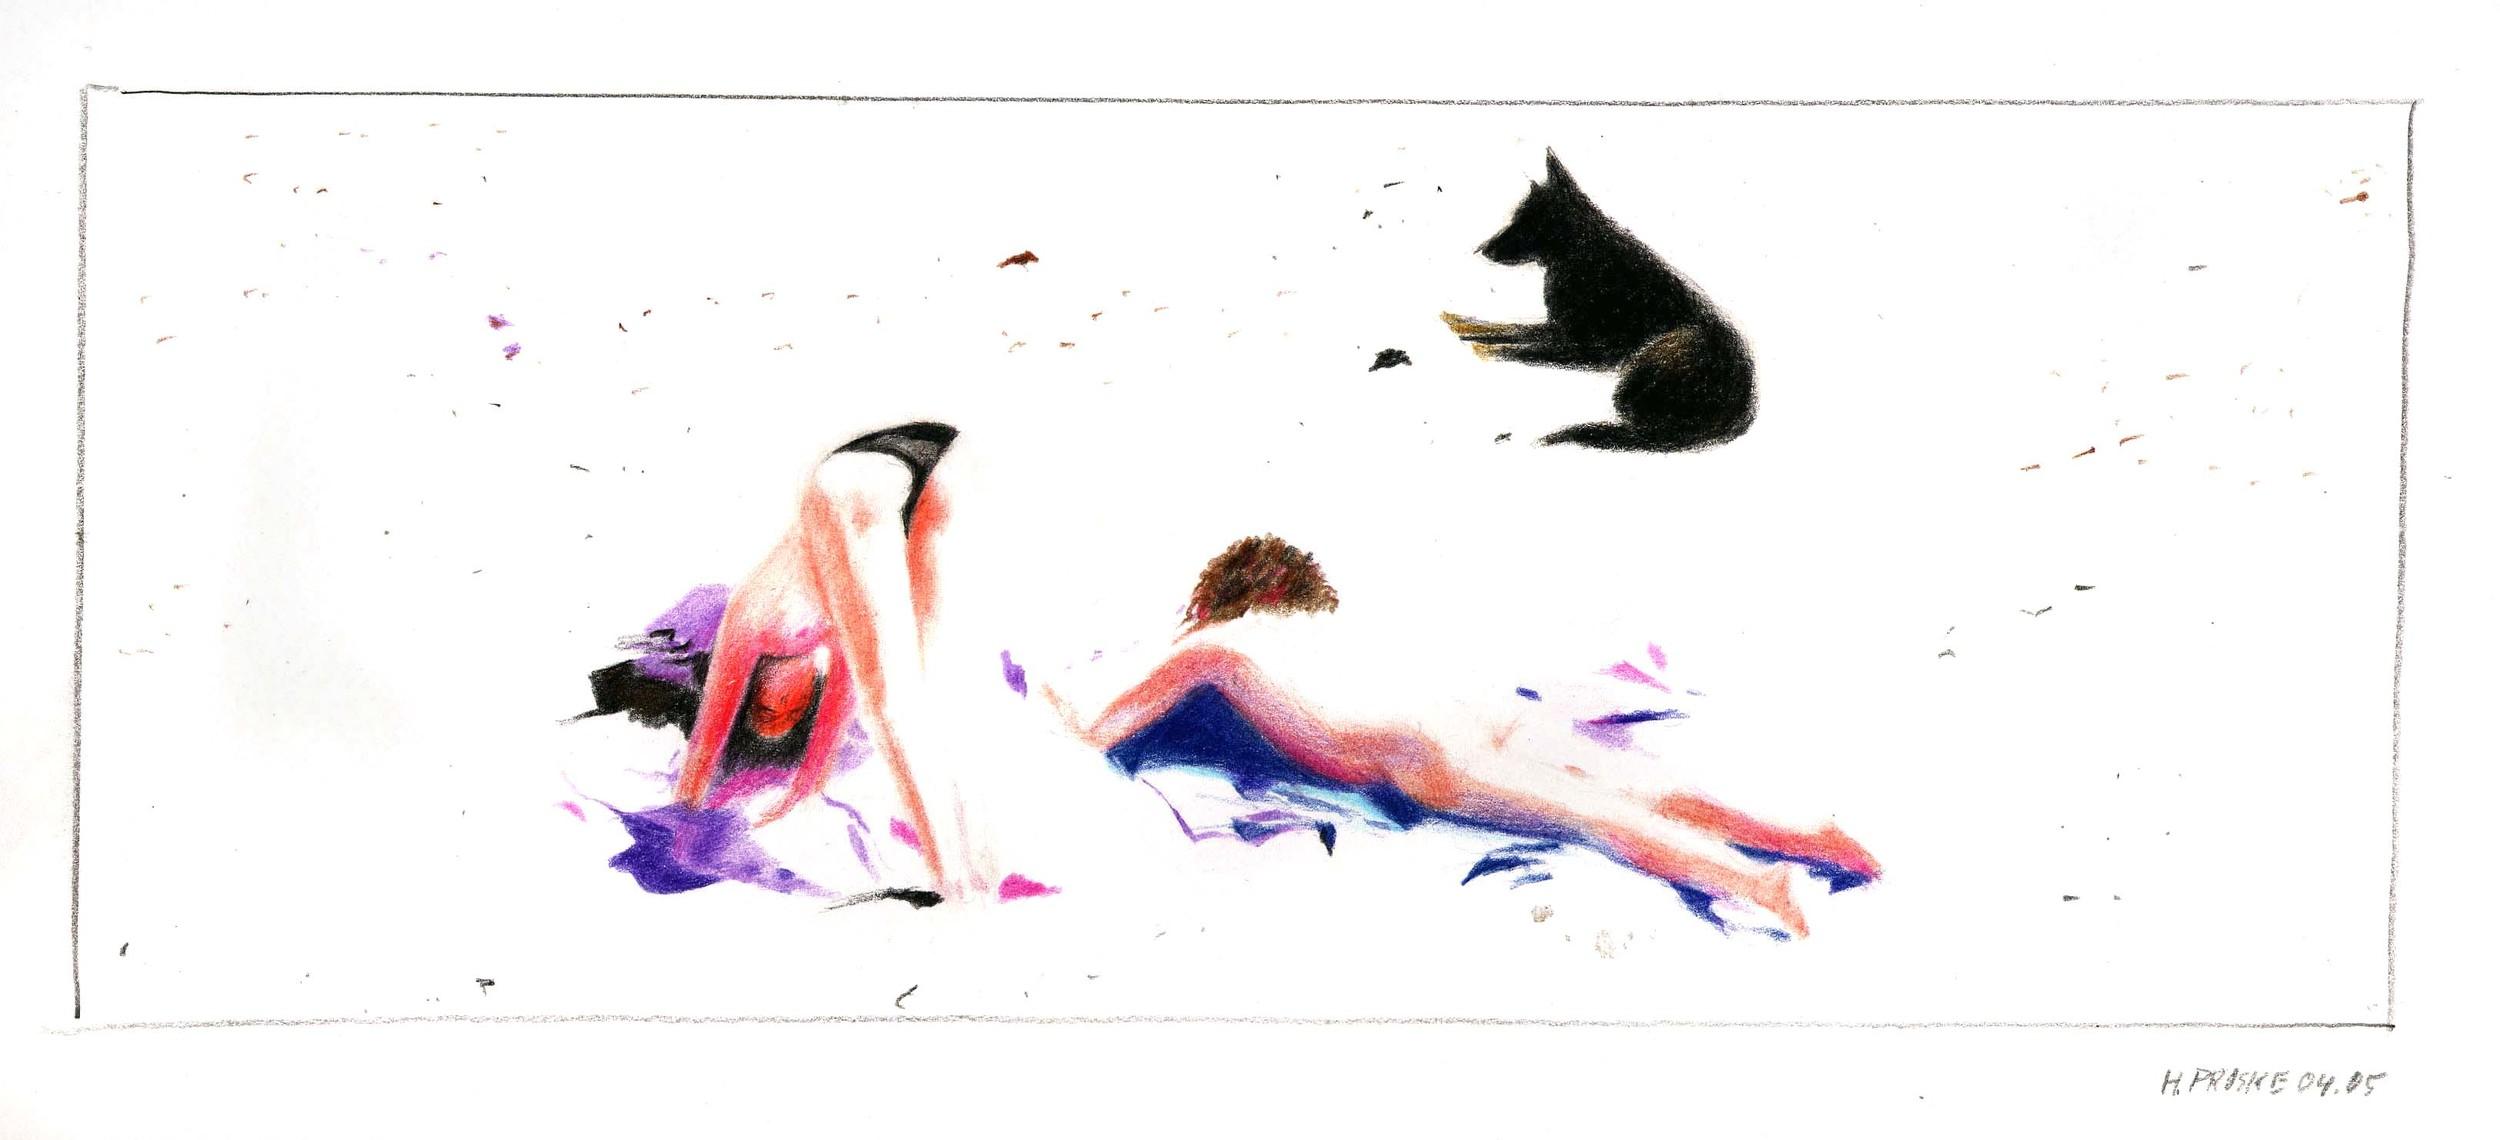 en passant 8,30 x 40, Farbstift:Papier, 2004 .jpg